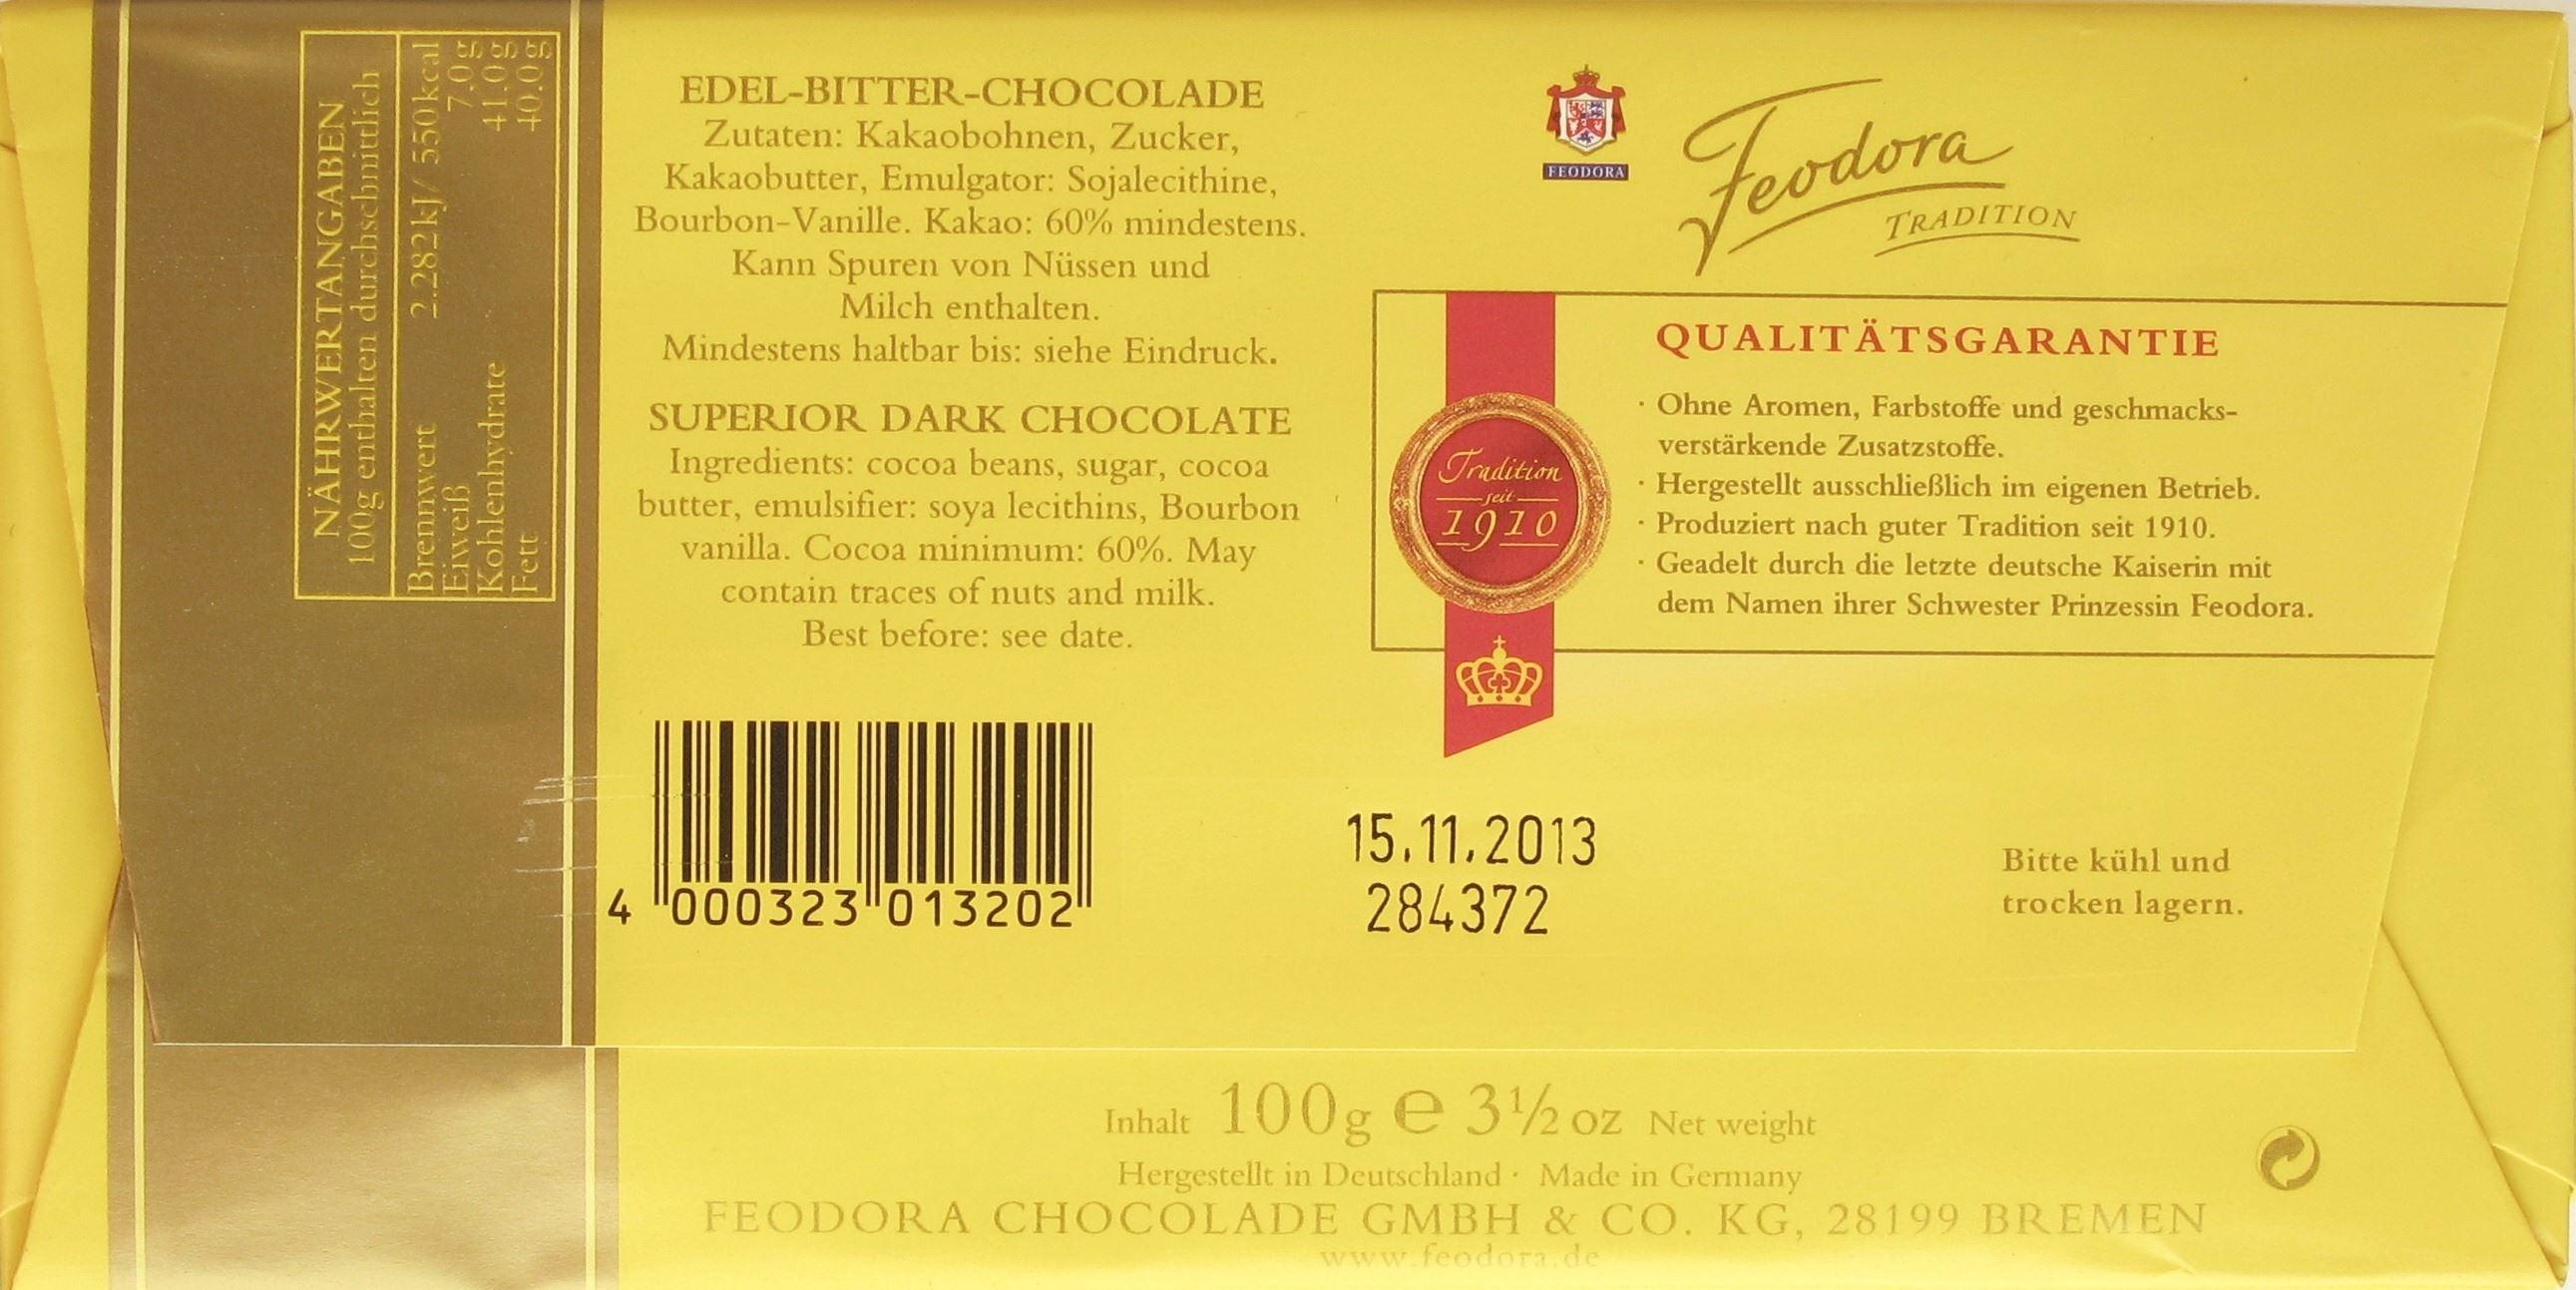 Feodora Tradition Edel-Bitter-Chocolade - Inhaltsangaben